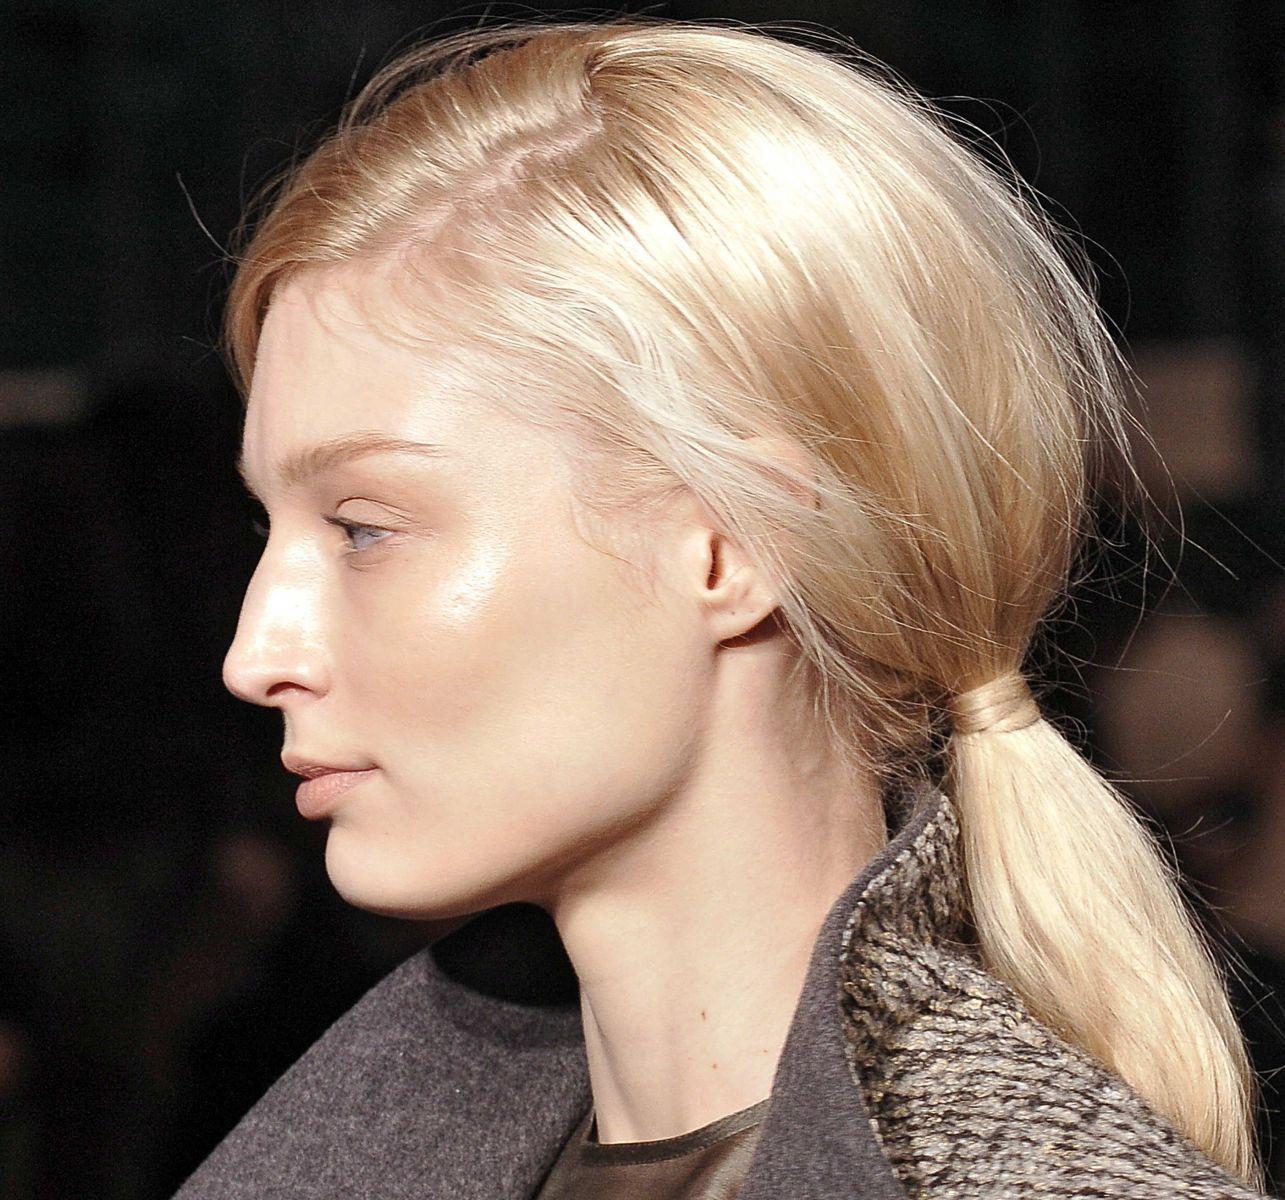 Как быть красивой весной 2015: тренды макияжа, причесок, маникюра - фото №1